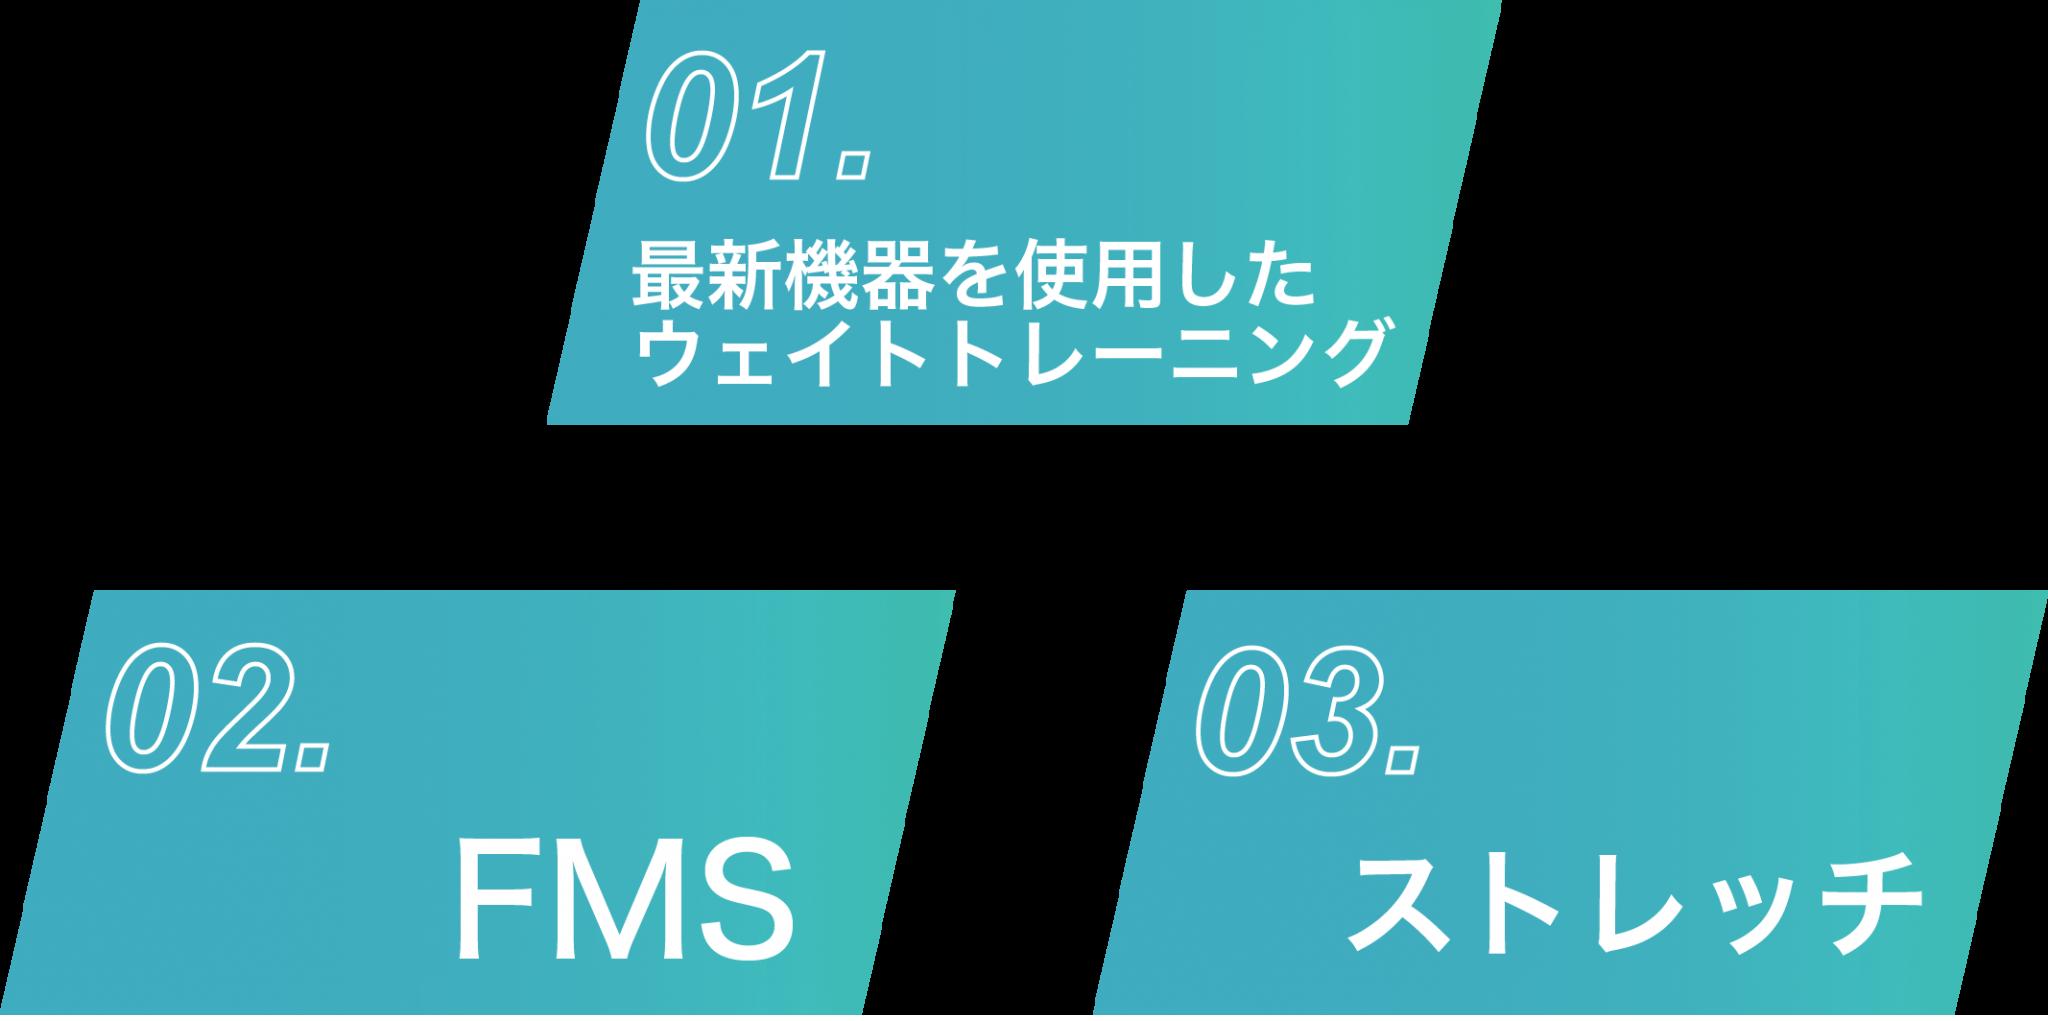 01.最新機器を使用したウェイドトレーニング 02.FMS 03.ストレッチ